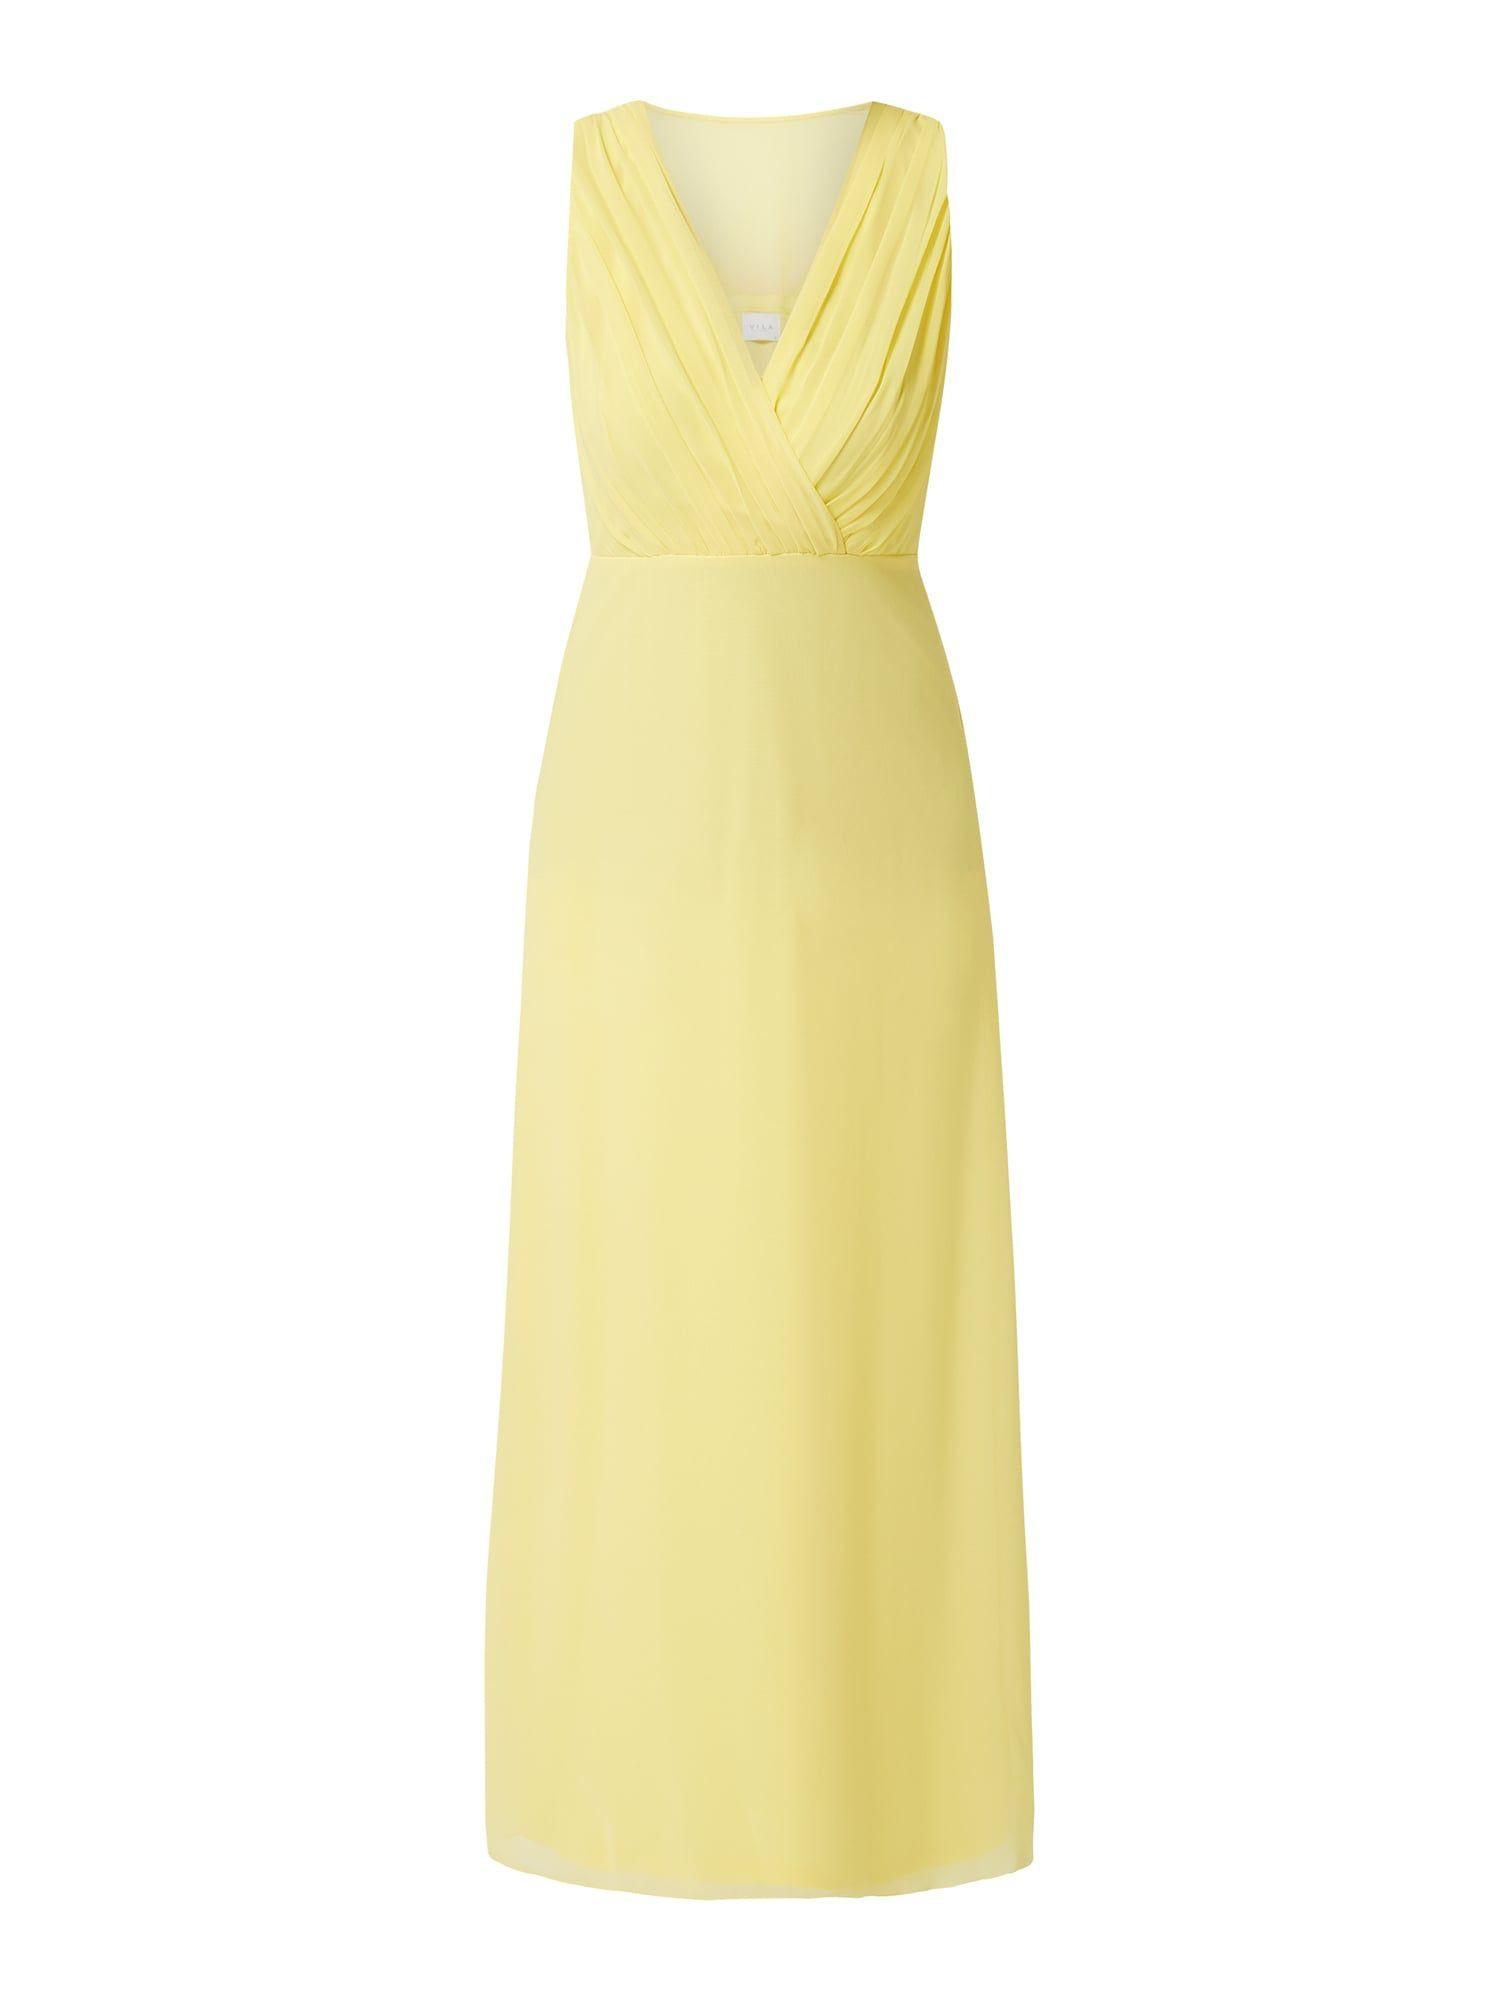 Abend Leicht P&C Abendkleidung BoutiqueDesigner Luxus P&C Abendkleidung Bester Preis